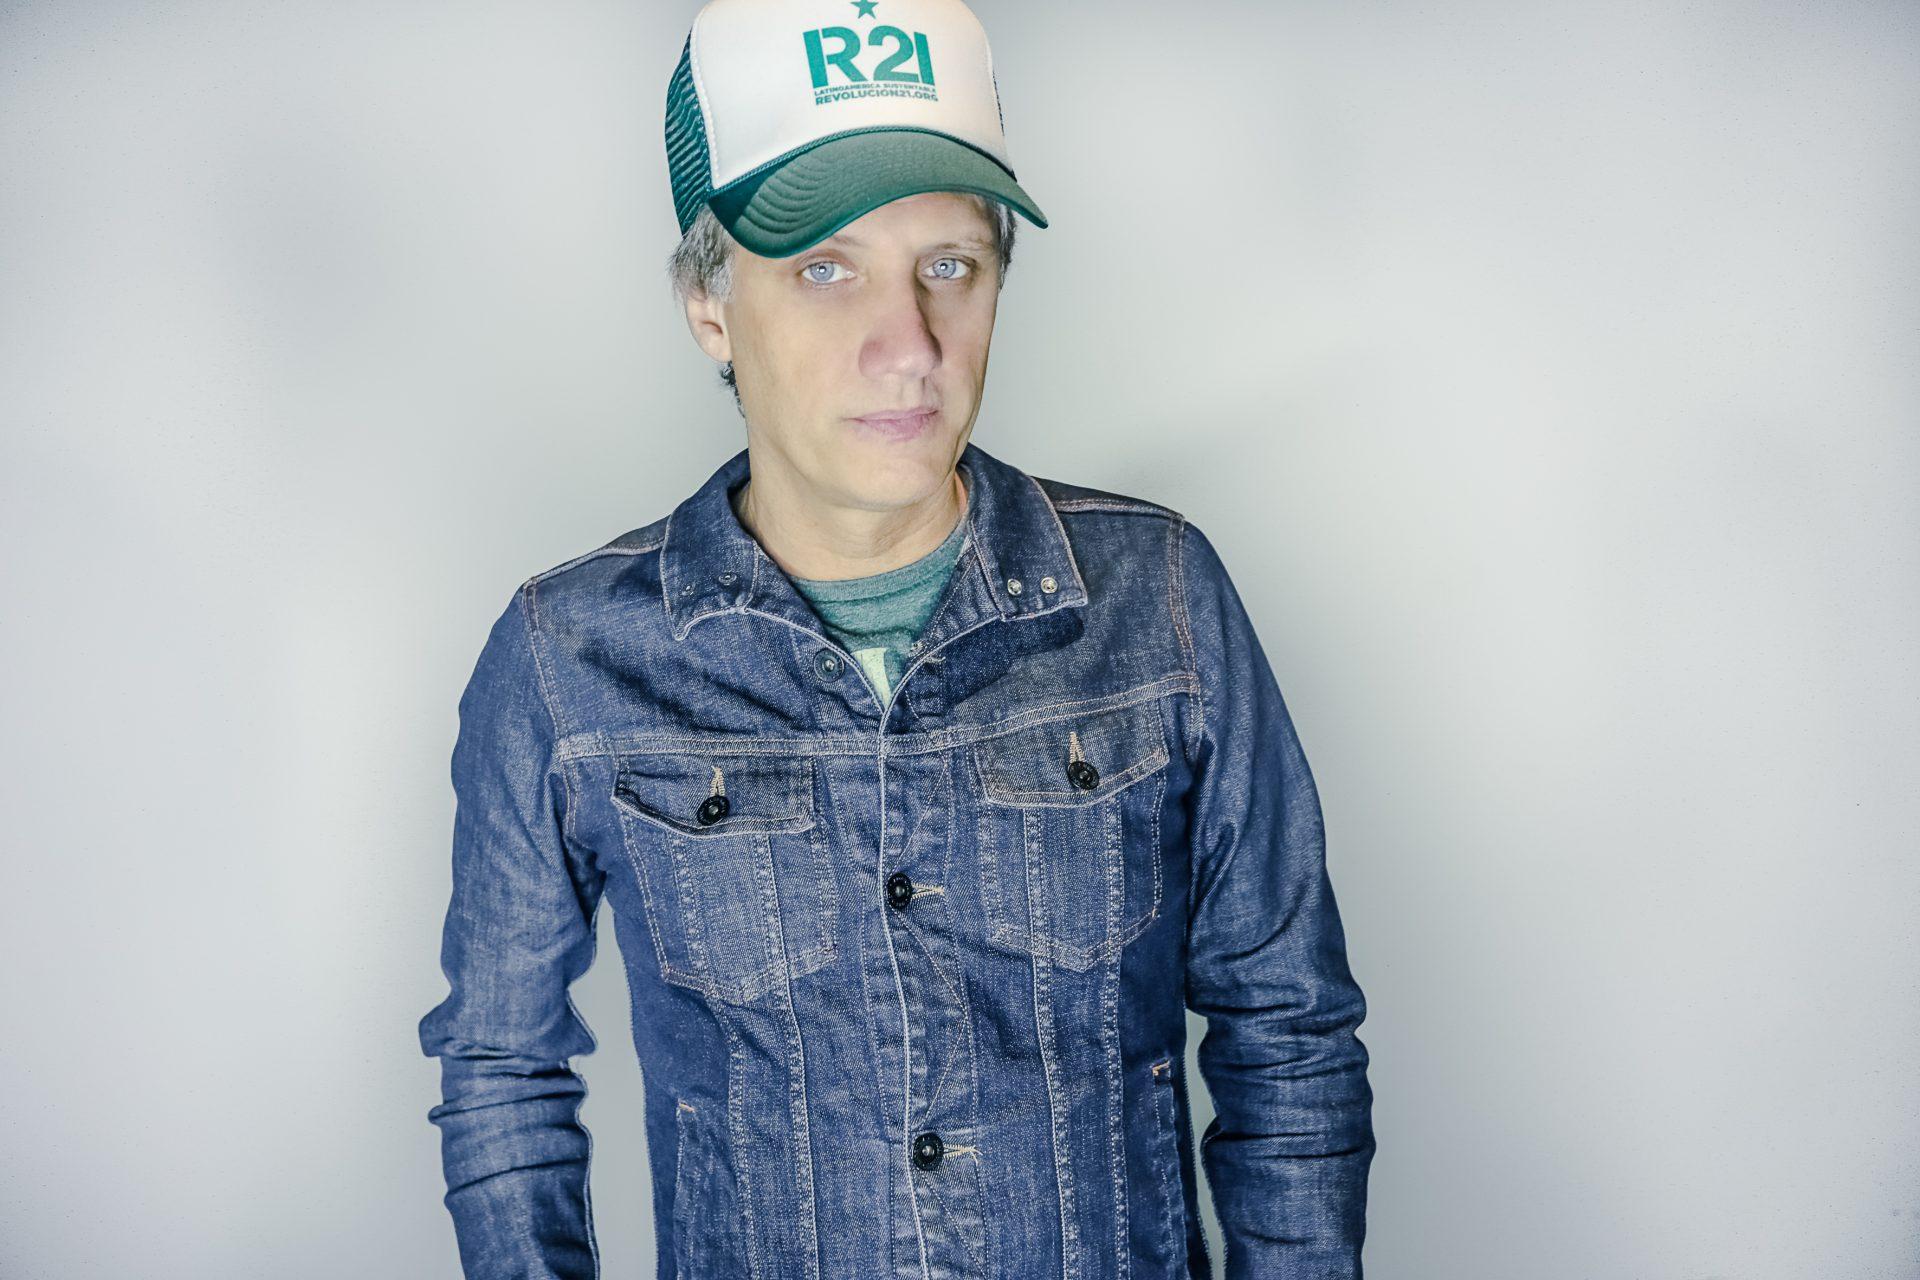 El ex Soda Stéreo Charly Alberti liderando la revolución ambientalista del siglo XXI